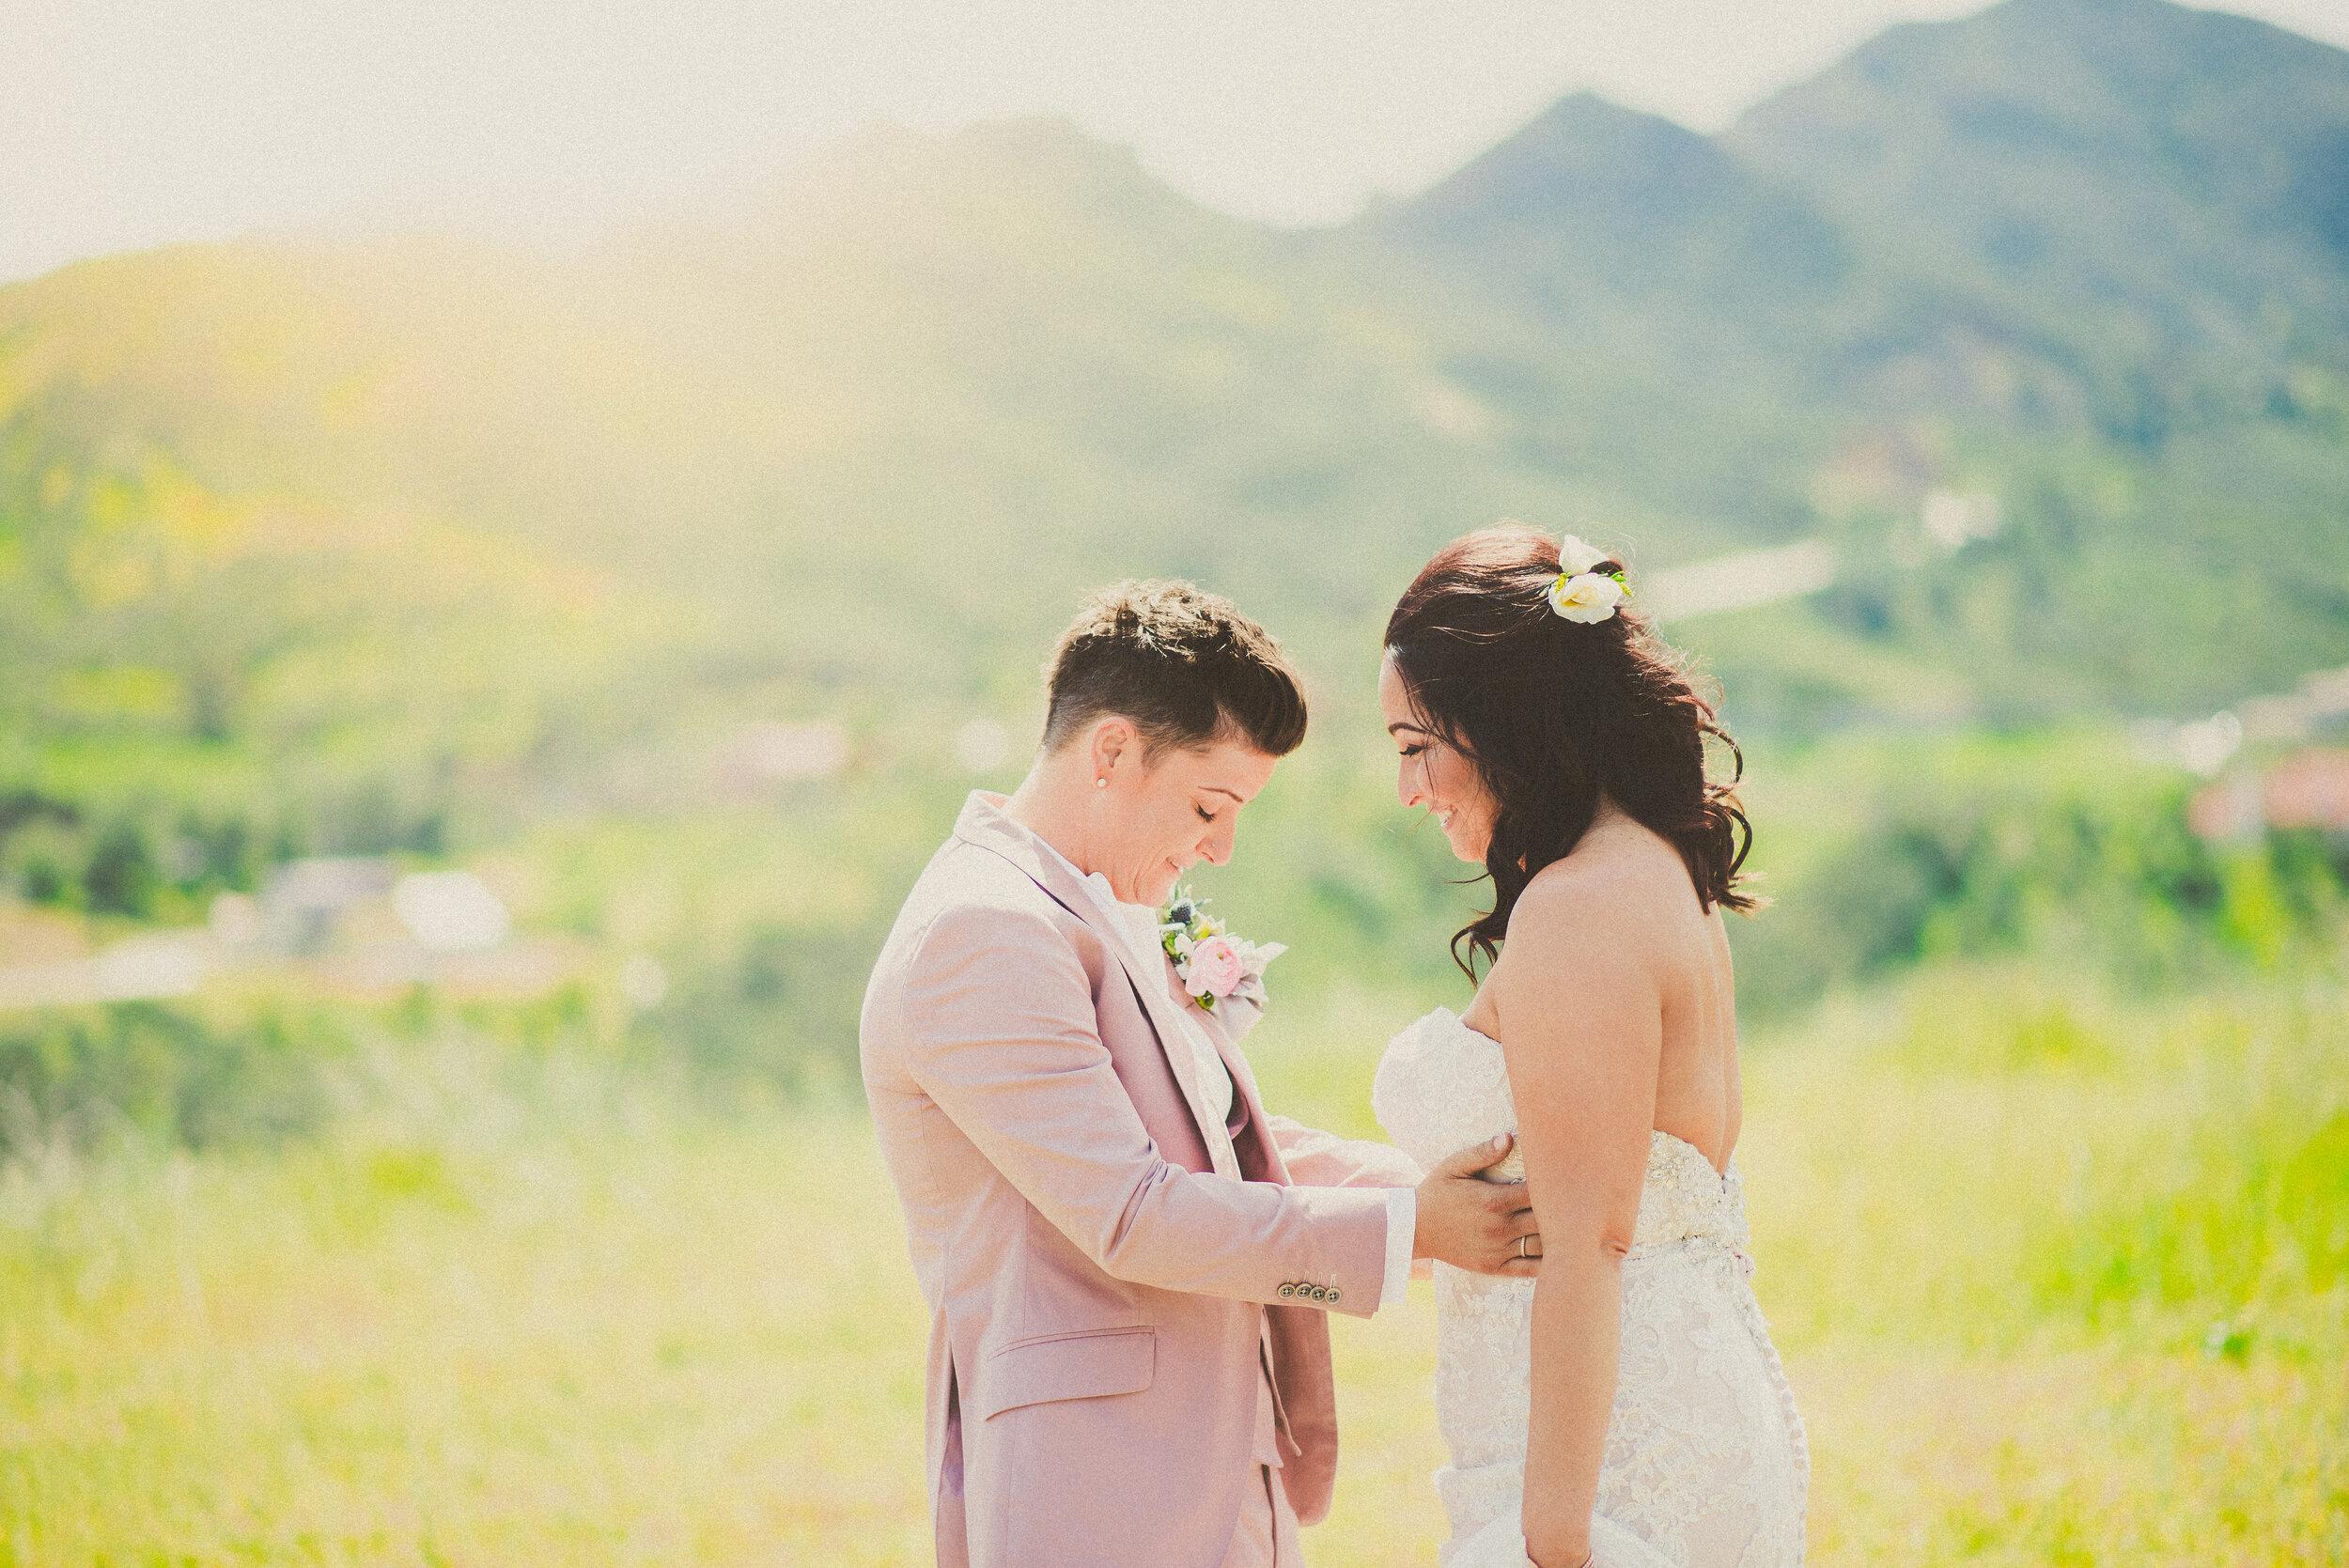 Demiglio Wedding - First Look-8.jpg